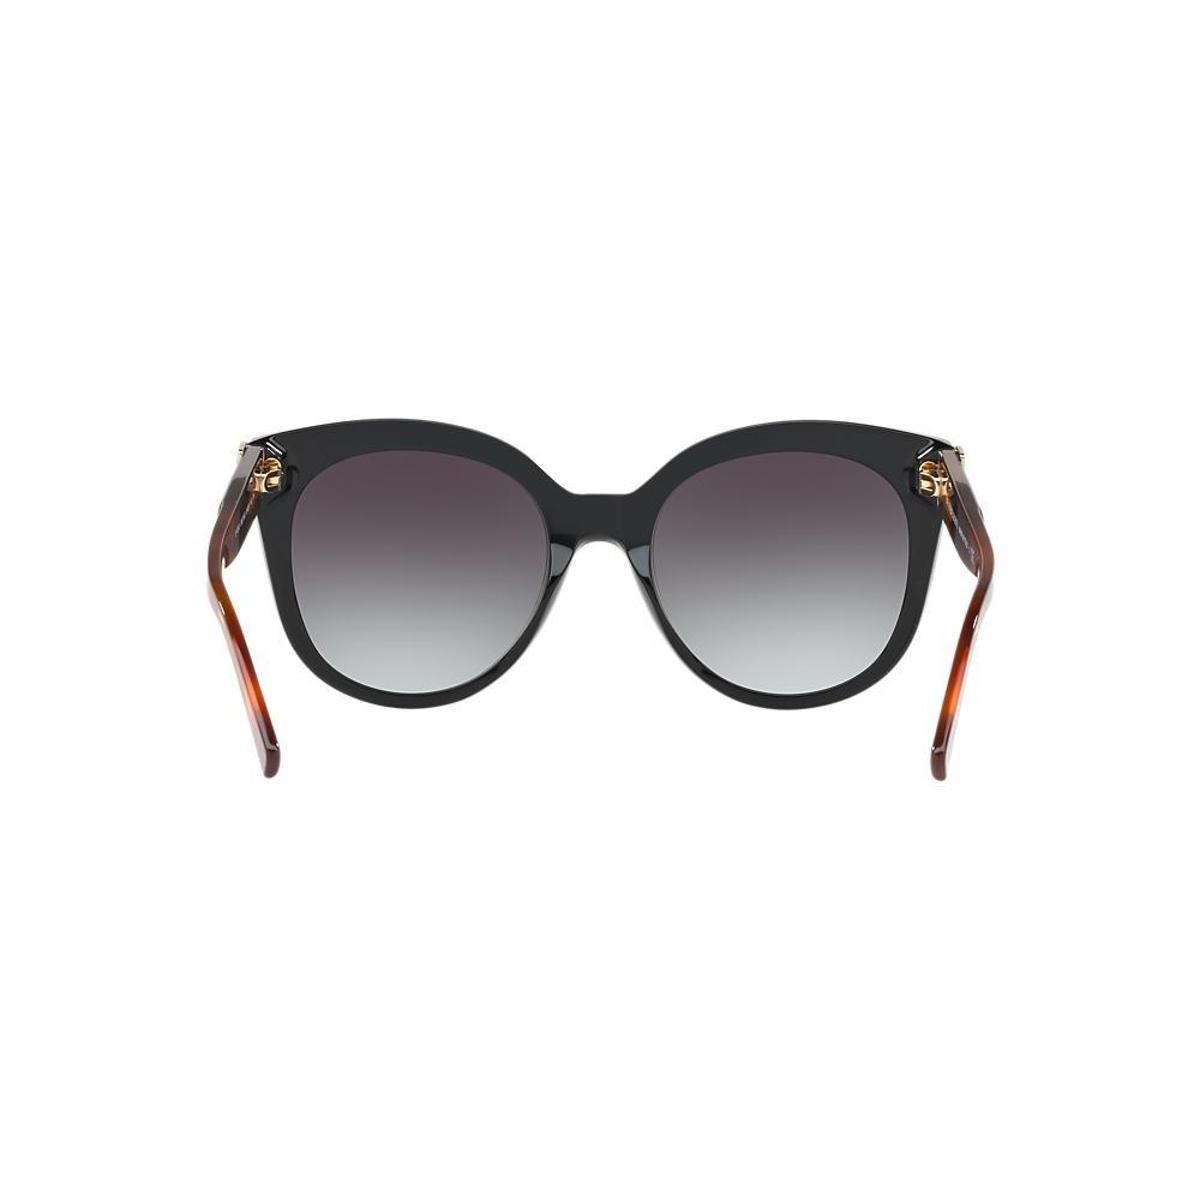 0259ea21fb039 Óculos de Sol Burberry Gatinho BE4243 Feminino - Compre Agora   Zattini